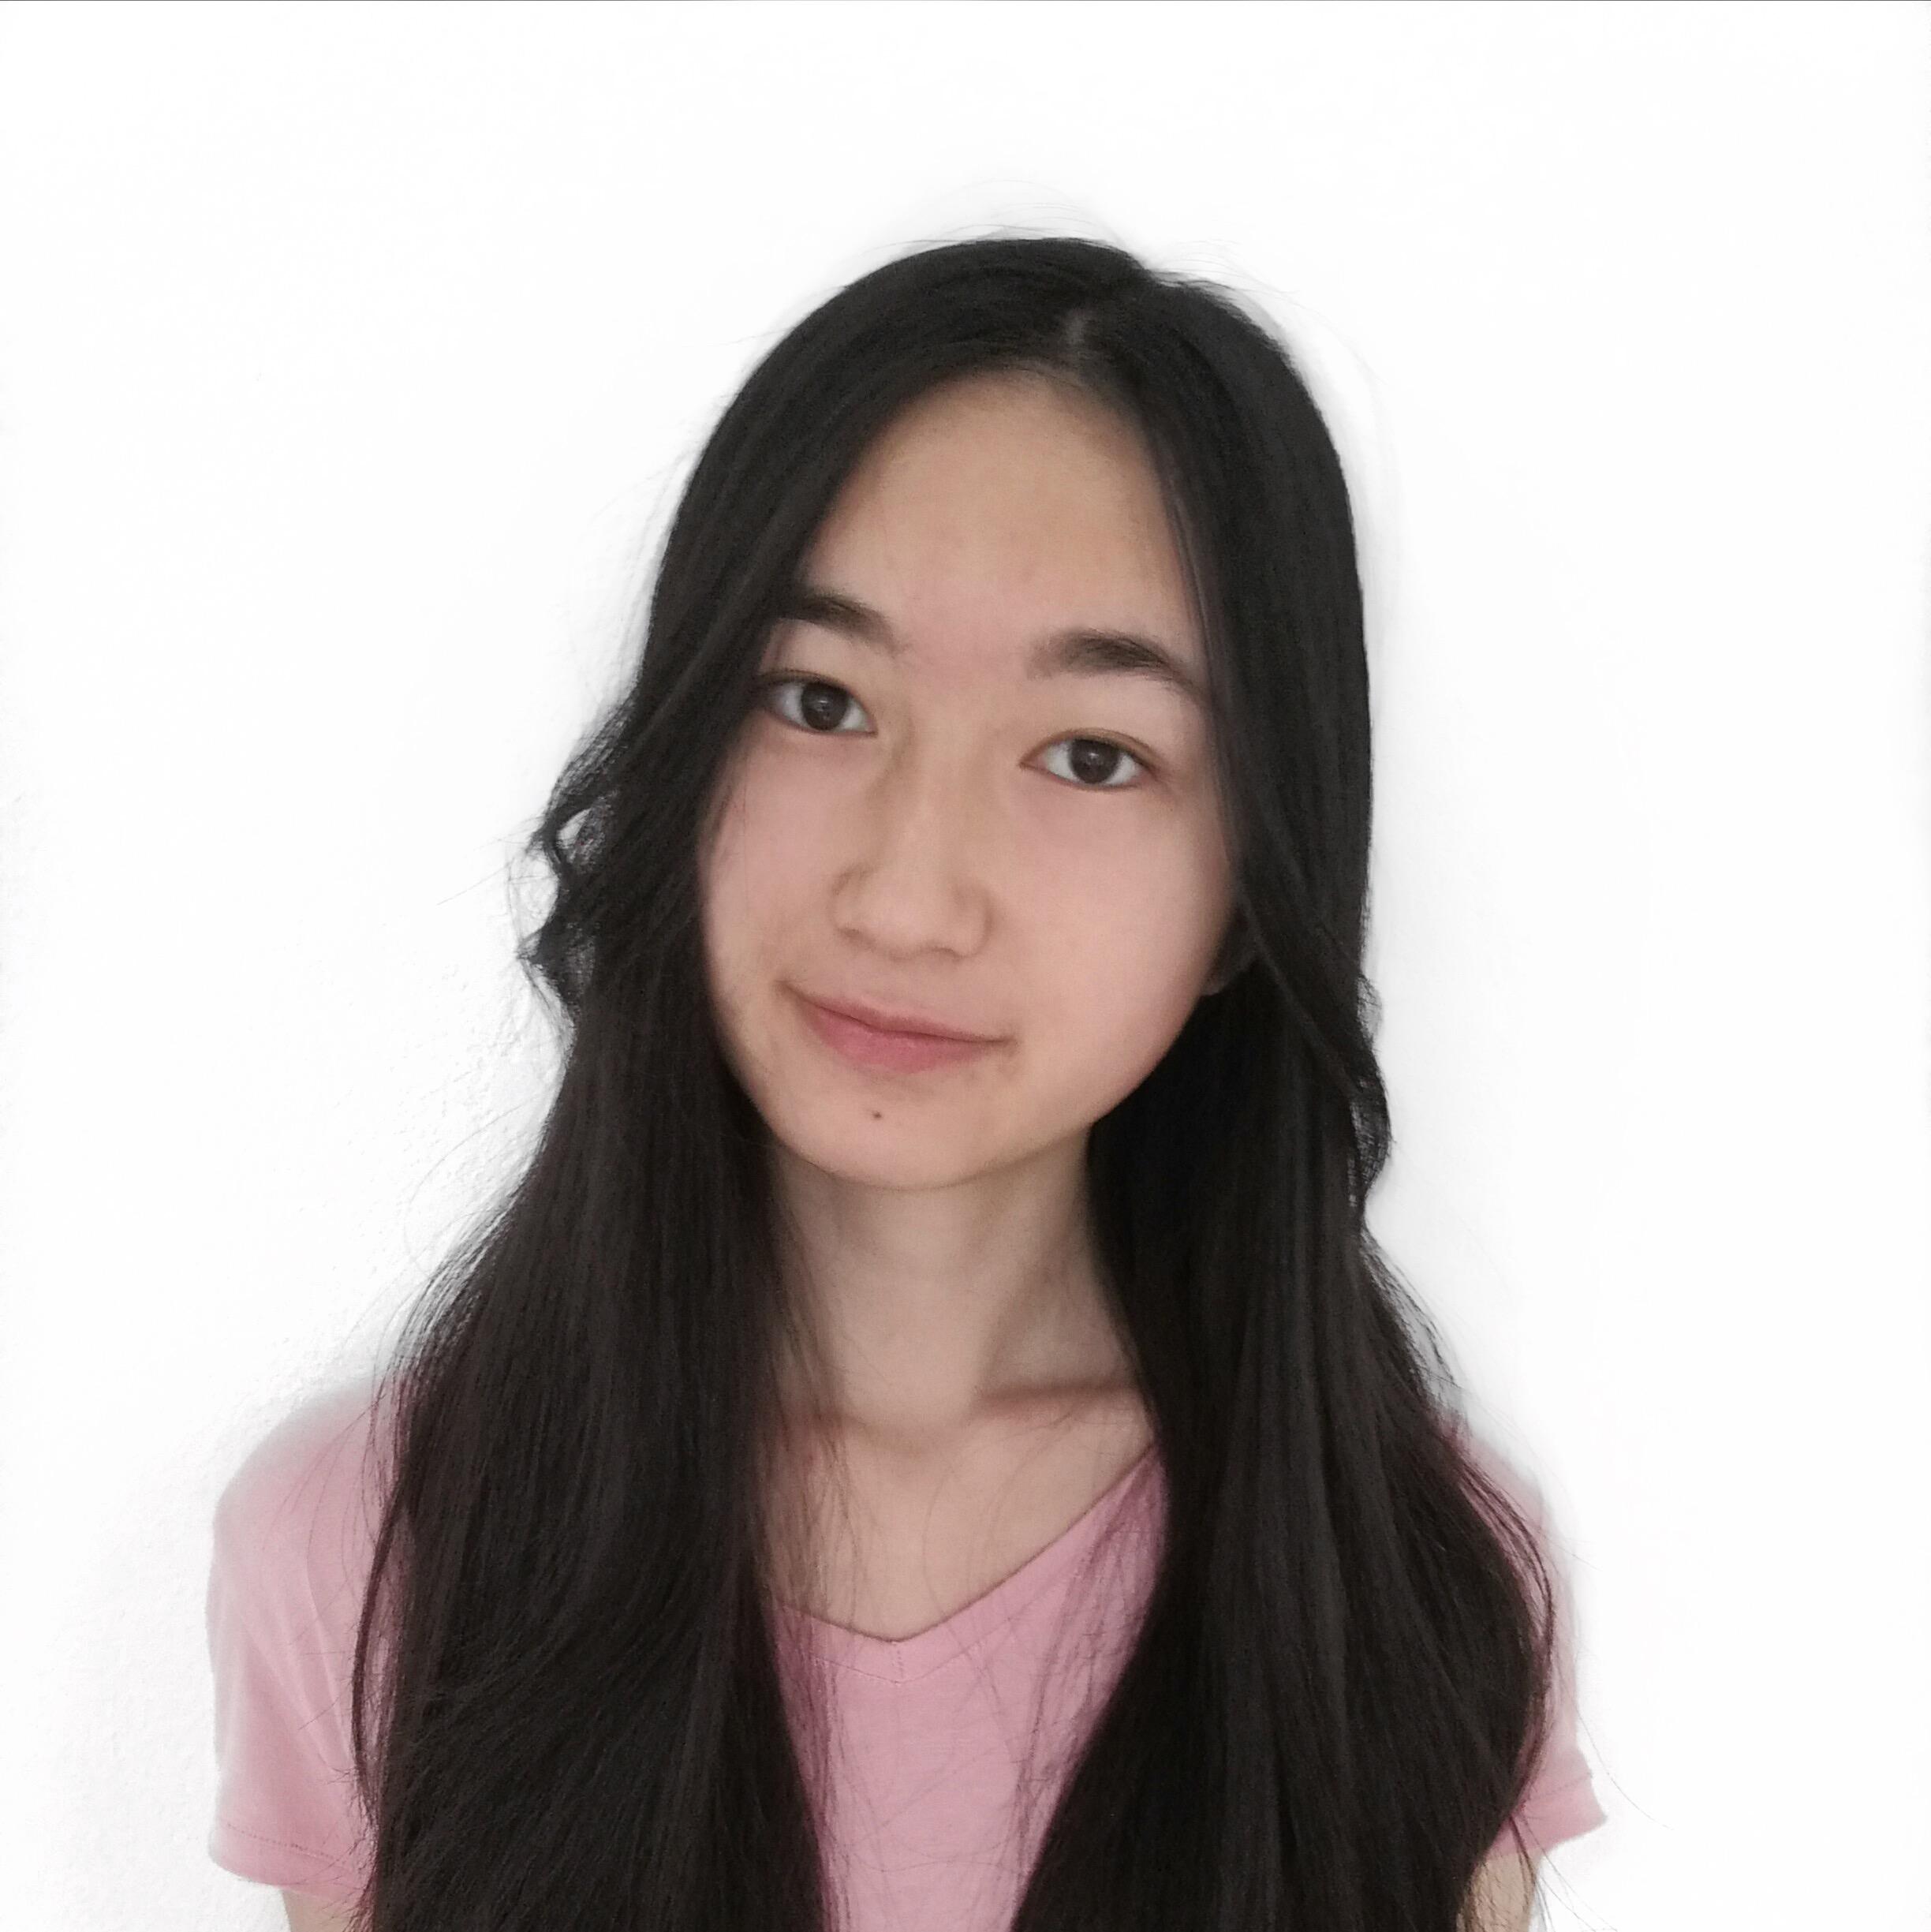 Shirley Huang - INSTAGRAM // LINKEDIN // WEBSITE